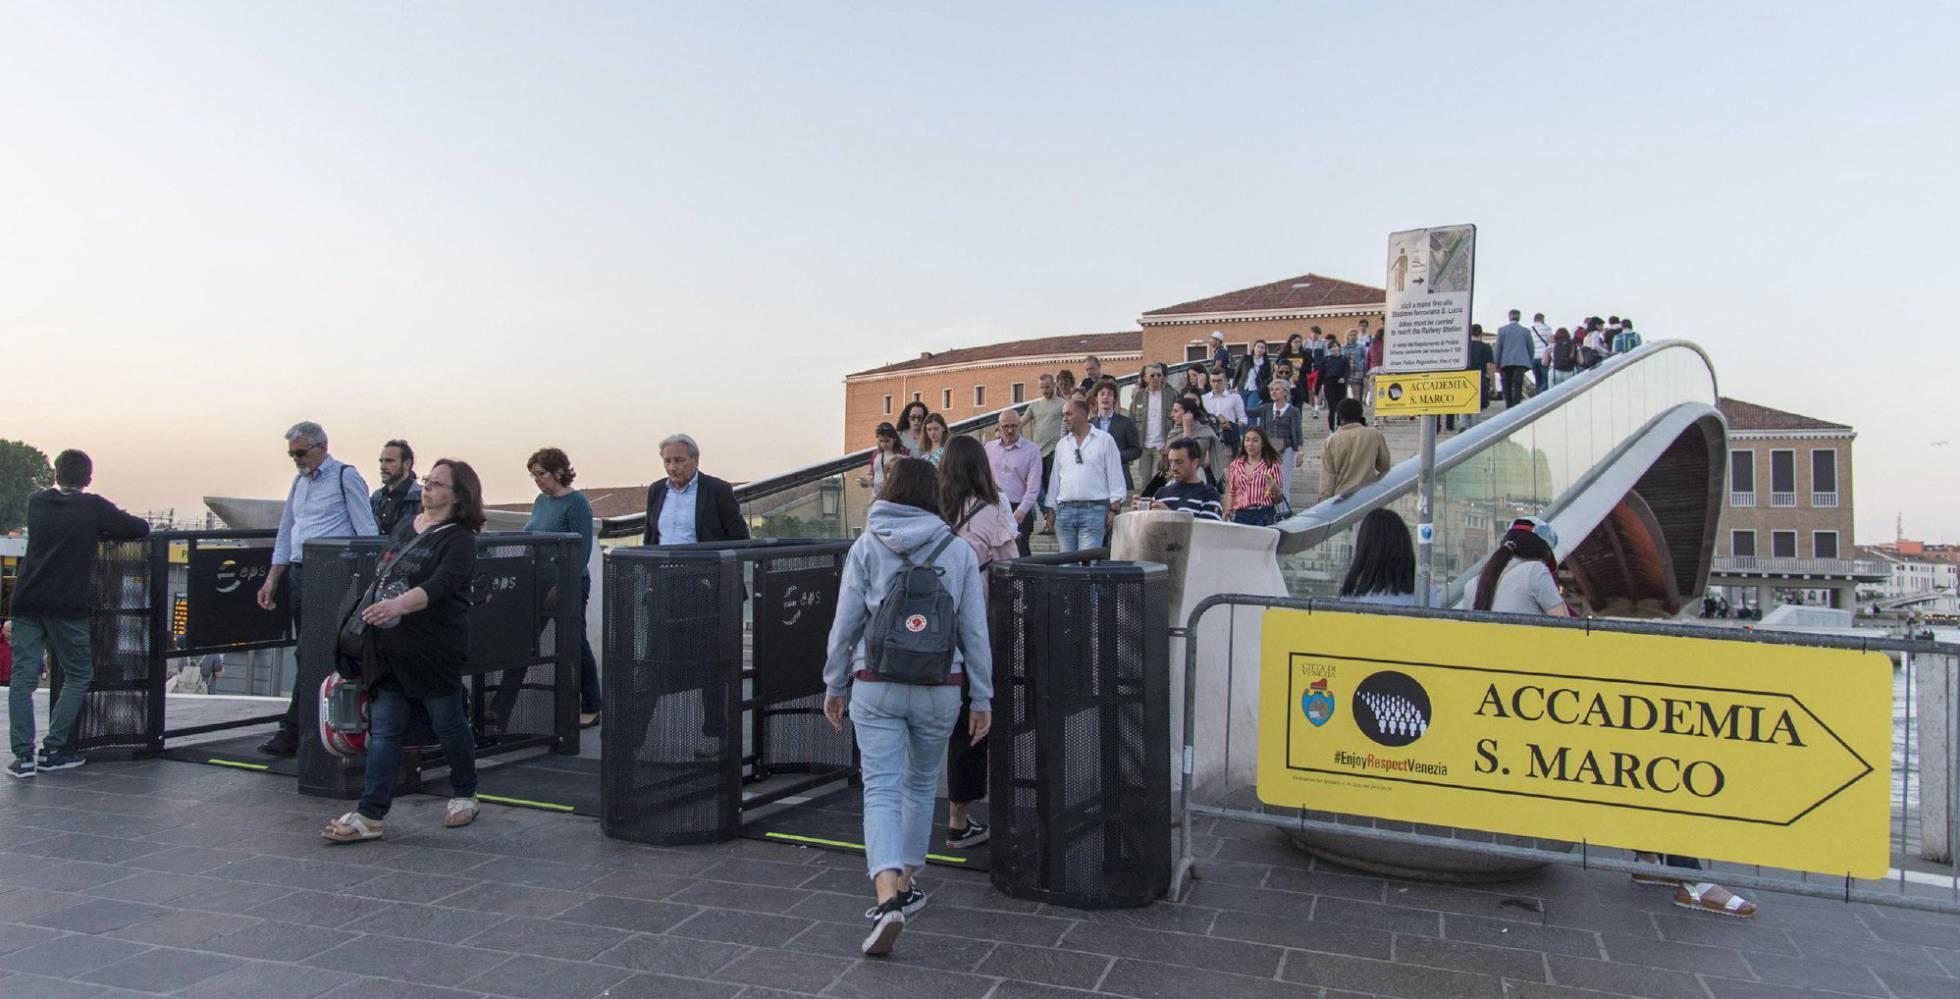 Veneza inaugura com polêmica as catracas para restringir a entrada de turistas